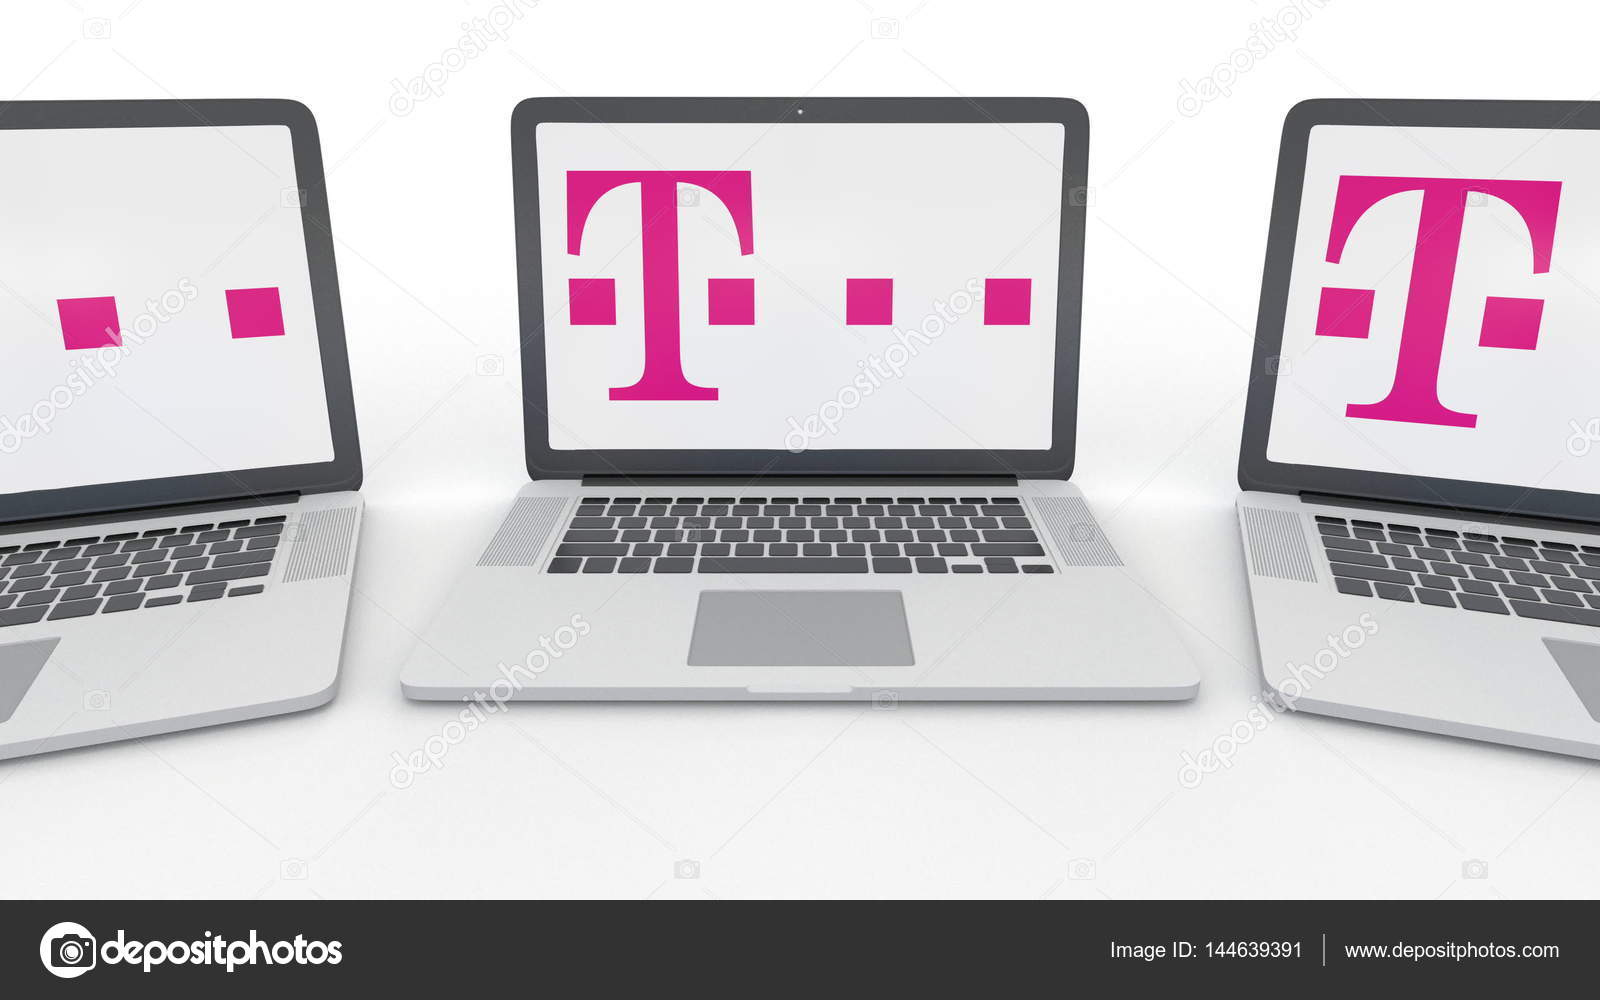 Notebooks Mit T Mobile Logo Auf Dem Bildschirm Computer Technologie